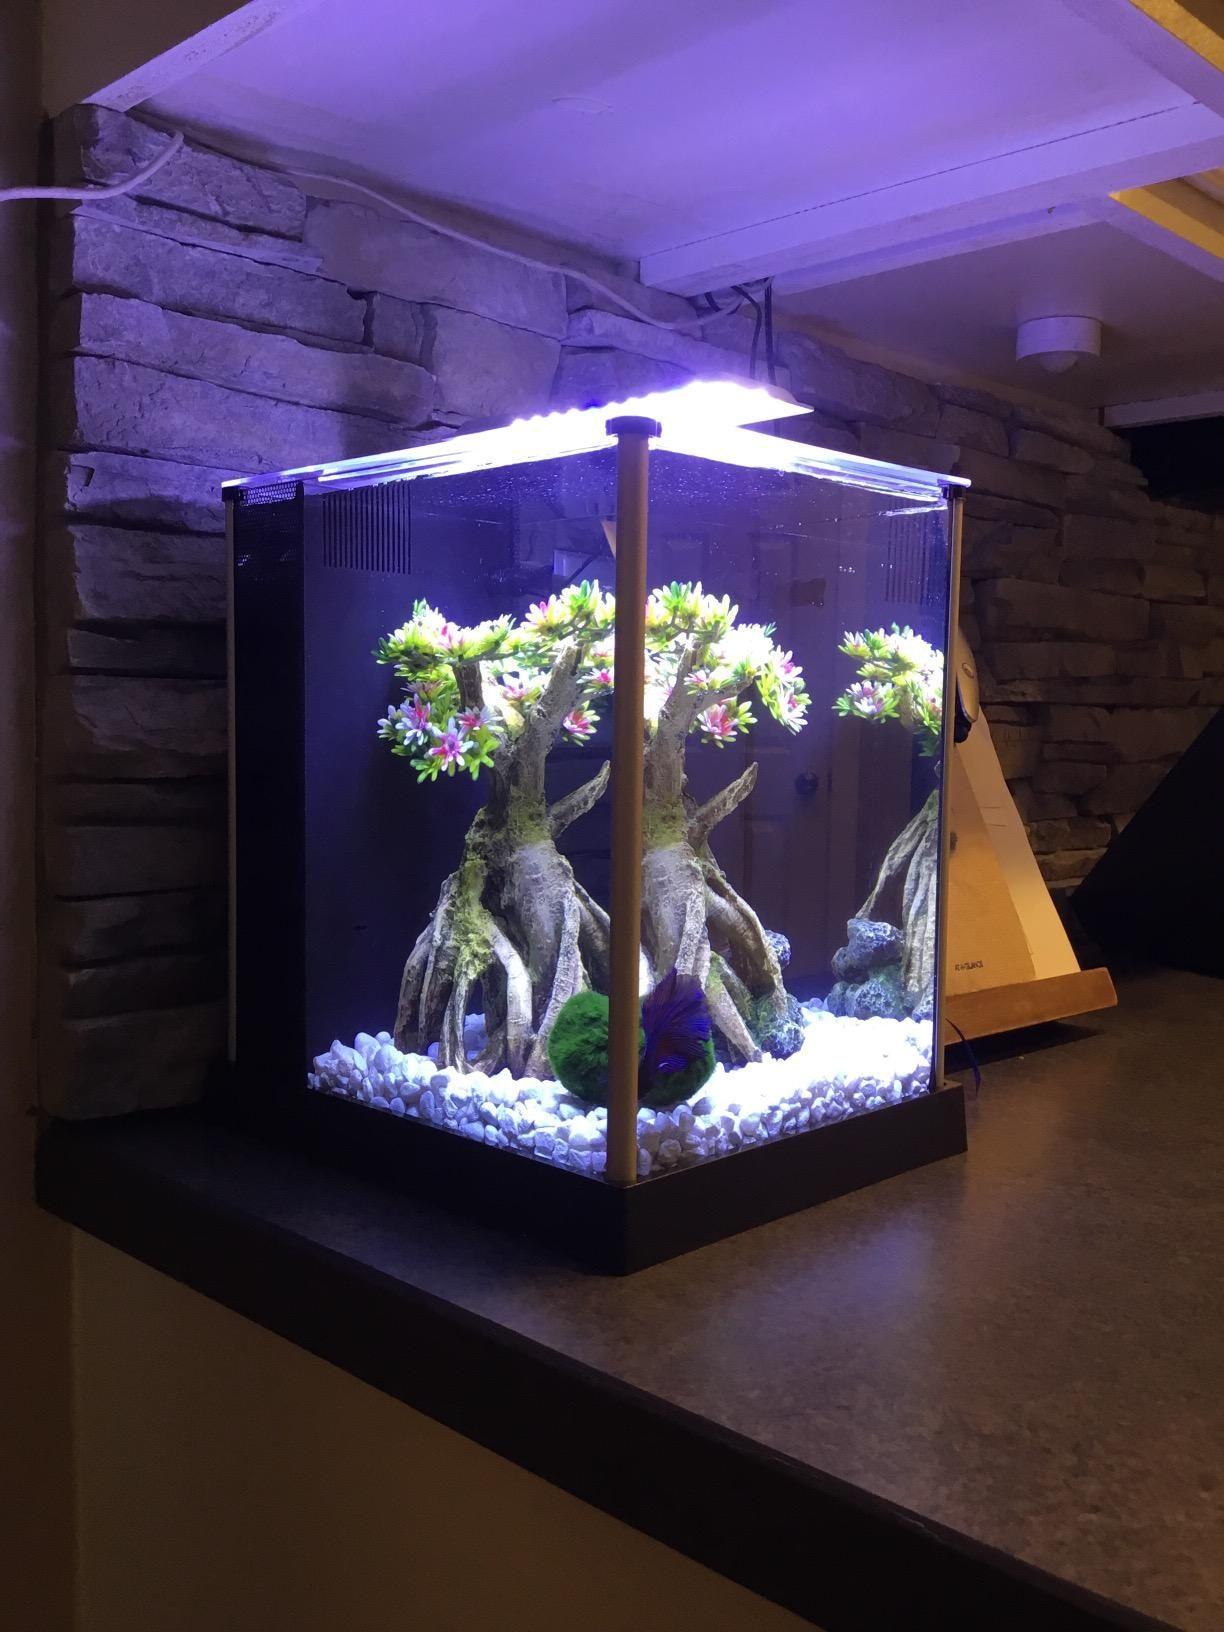 Fluval spec iii aquarium kit 26gallon